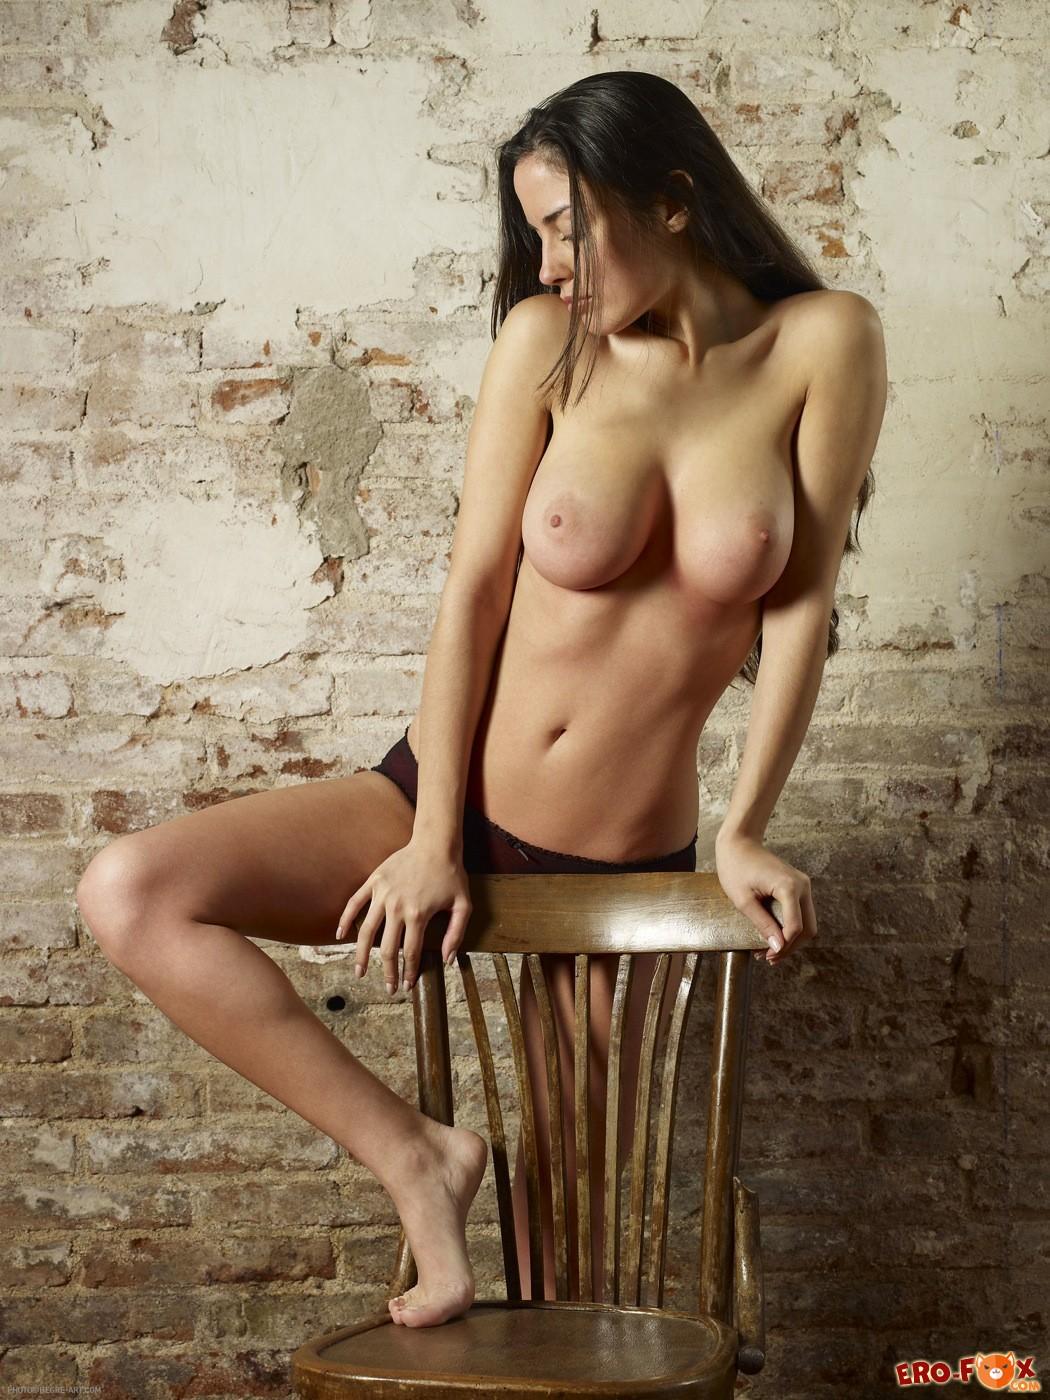 Девушка с большими сиськами на стуле - фото